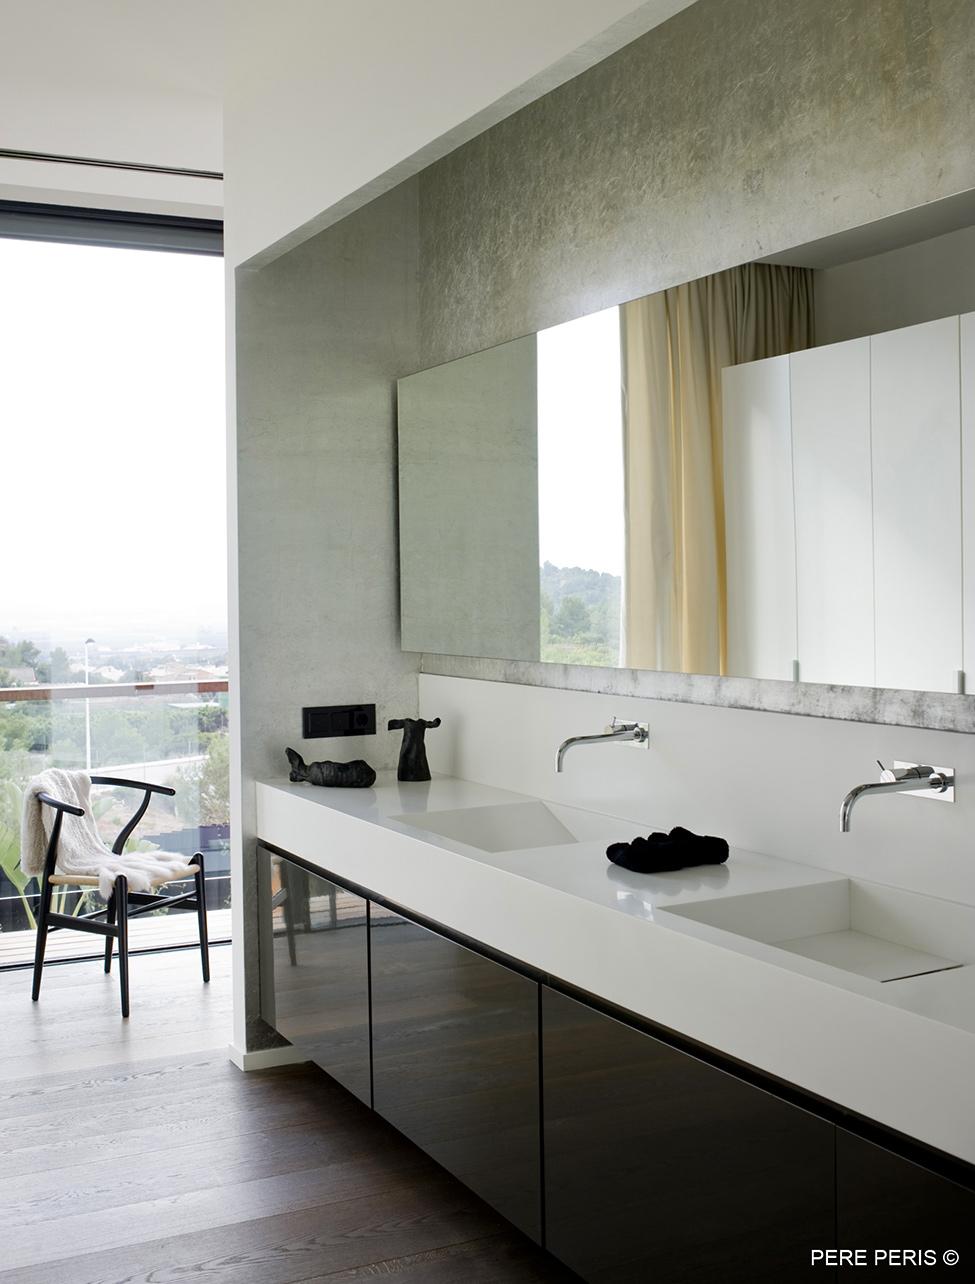 Imenie-s-moderen-interior-moderna-minimalistichna-banya